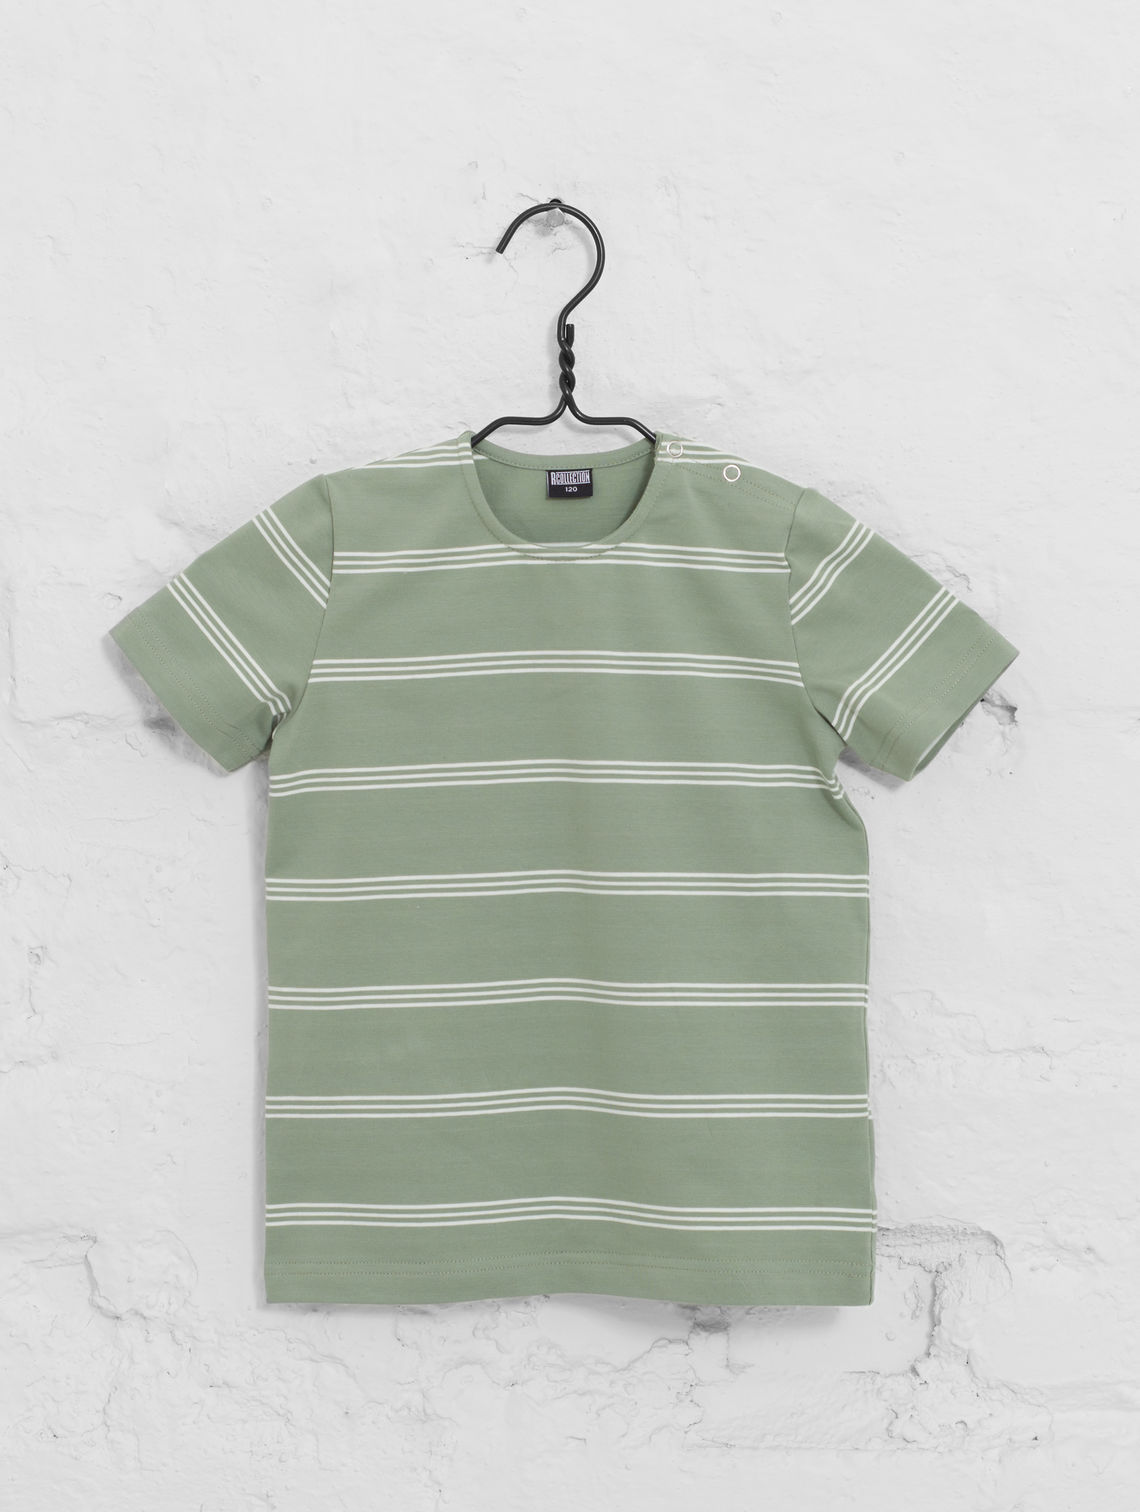 e98d0219cdcf Mini Striped T-Shirt fog green   white stripe